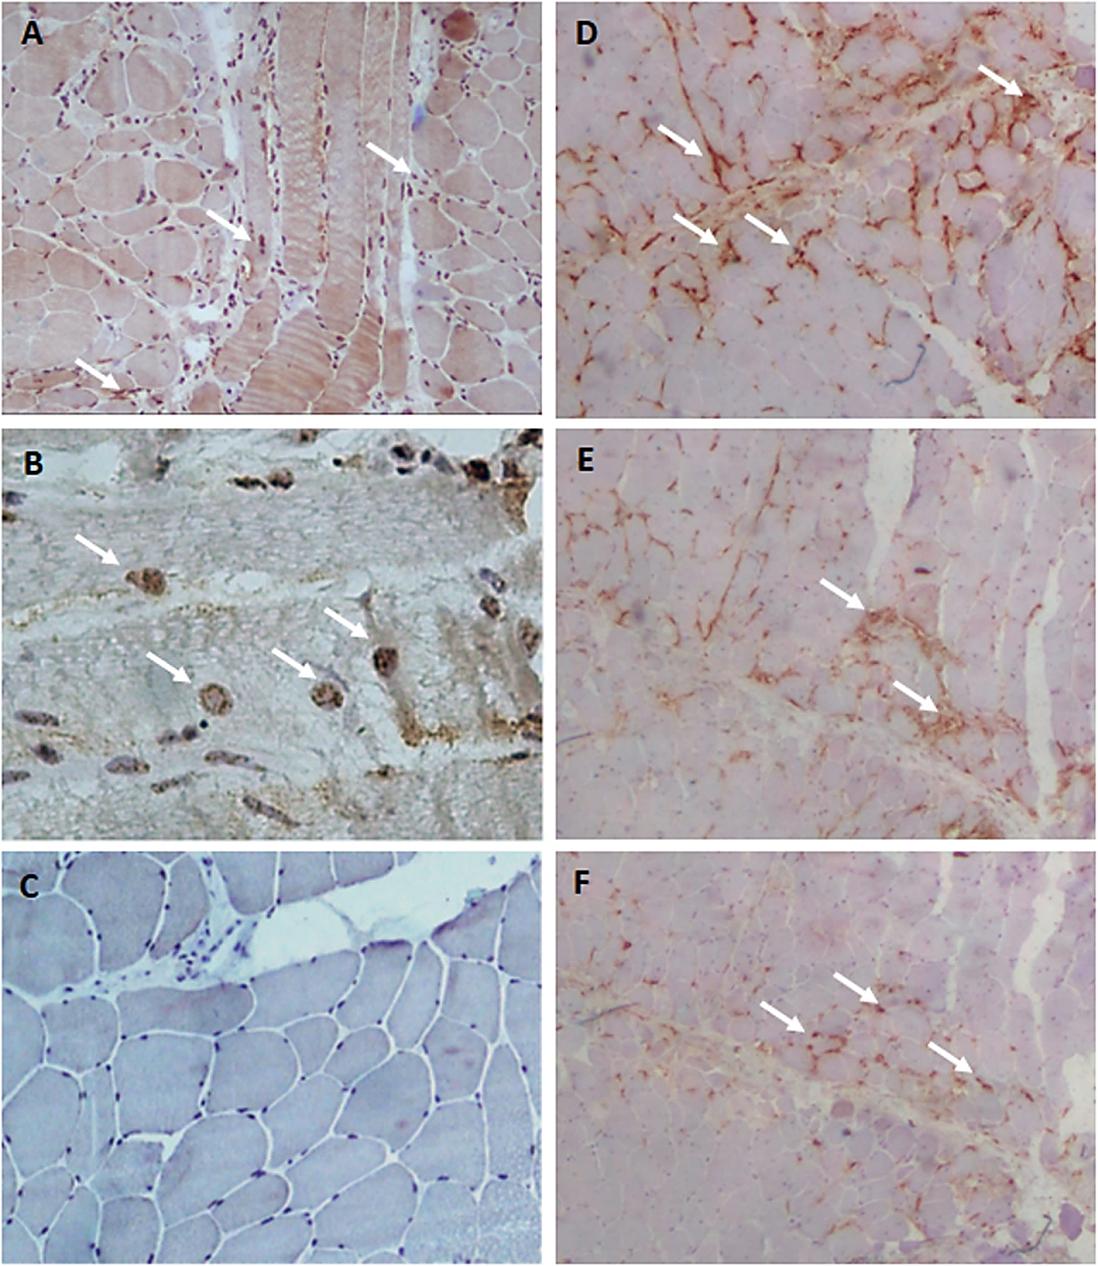 Imagen: Pacientes con síndrome antisintetasa con reacción inmunohistoquímica positiva de (A) YKL-40, (B) YKL-40 (mayor aumento); (C), muestra de un paciente con síndrome antisintetasa, pero sin infiltración inflamatoria; (D) CD68, (E) CD4 y (F) CD8 (Fotografía cortesía de la Universidade de Sao Paulo).